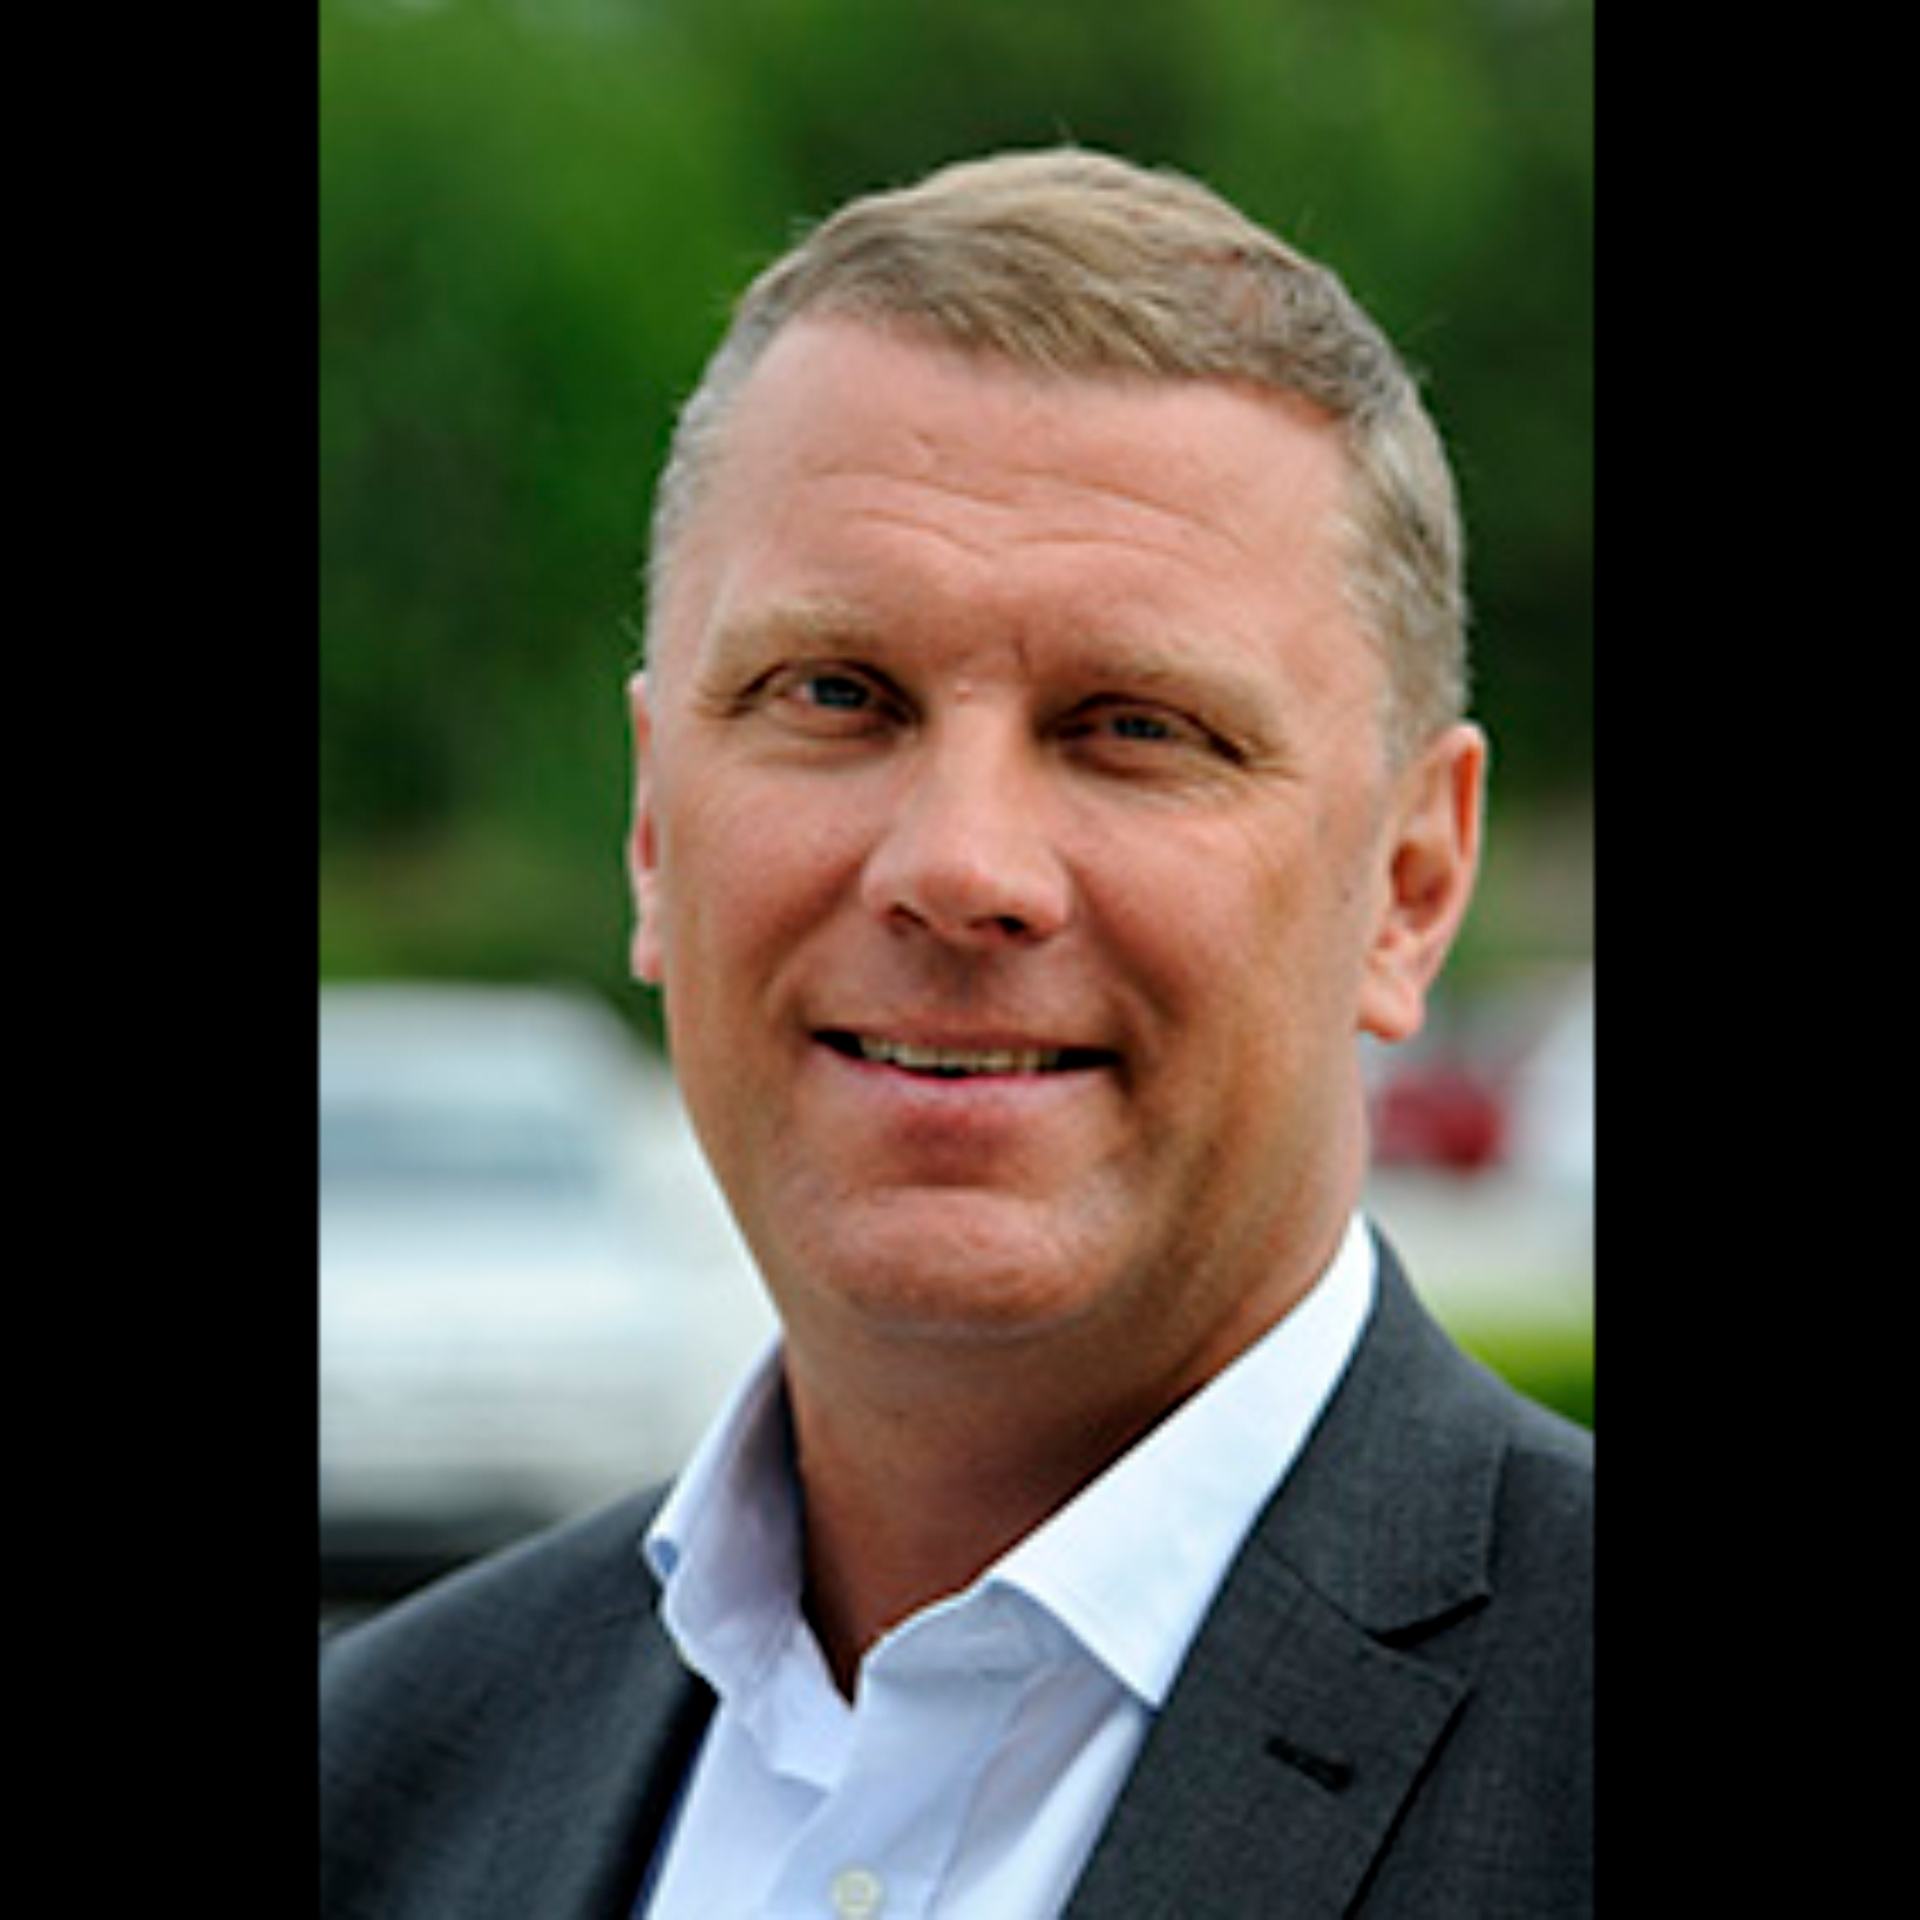 Peter Engberg blir ny styrelseordförande för Skill Scandinavia AB